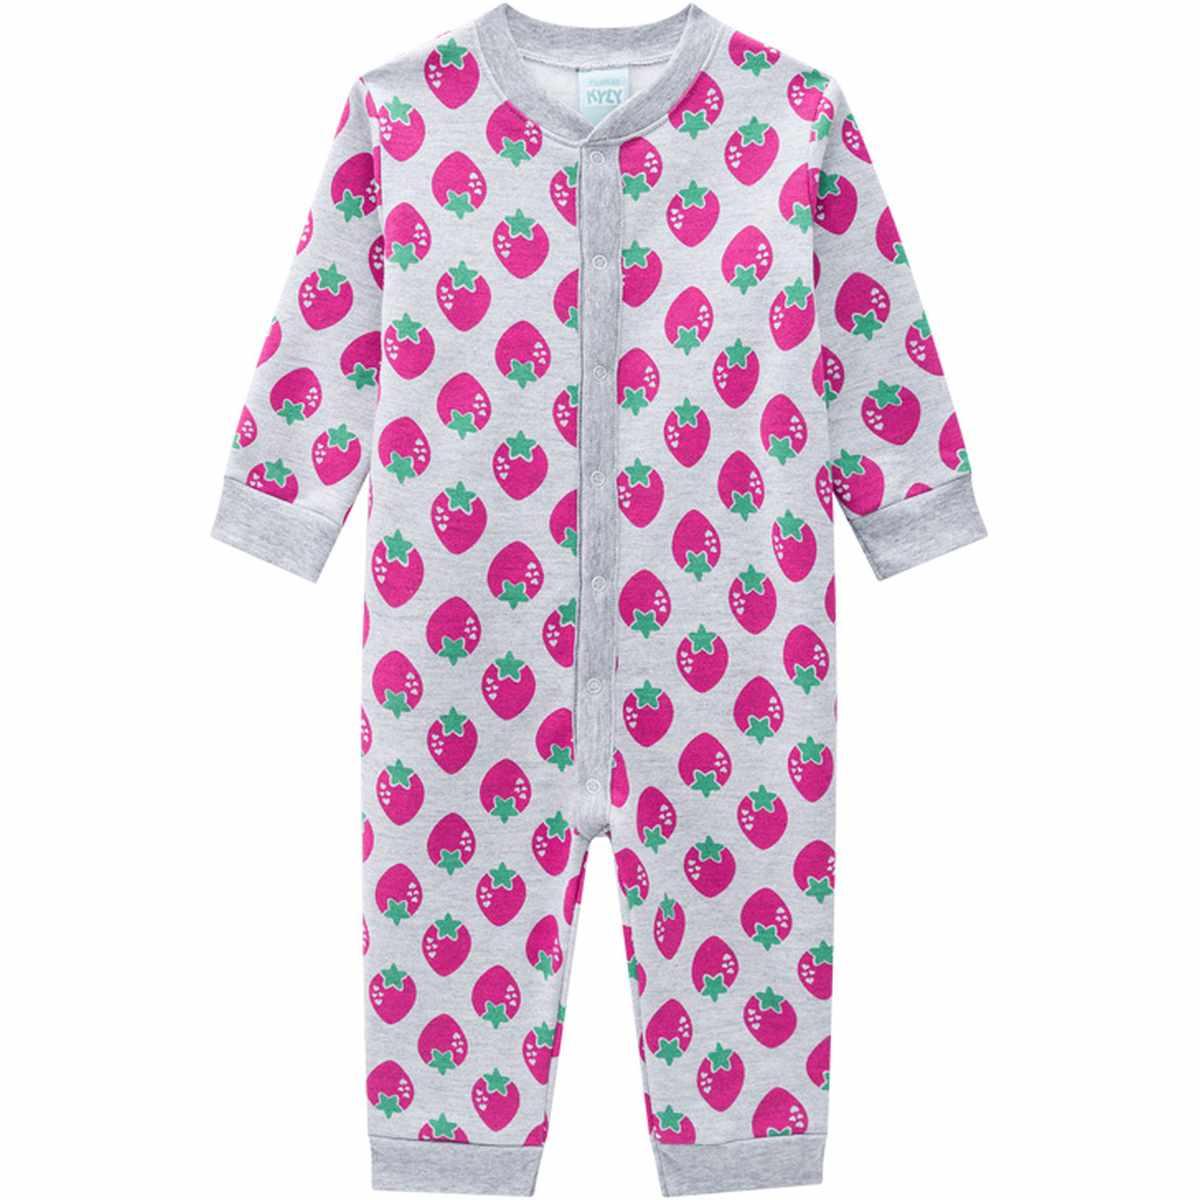 Macacão Pijama Bebê Menina em Moletom Peluciado Mescla White